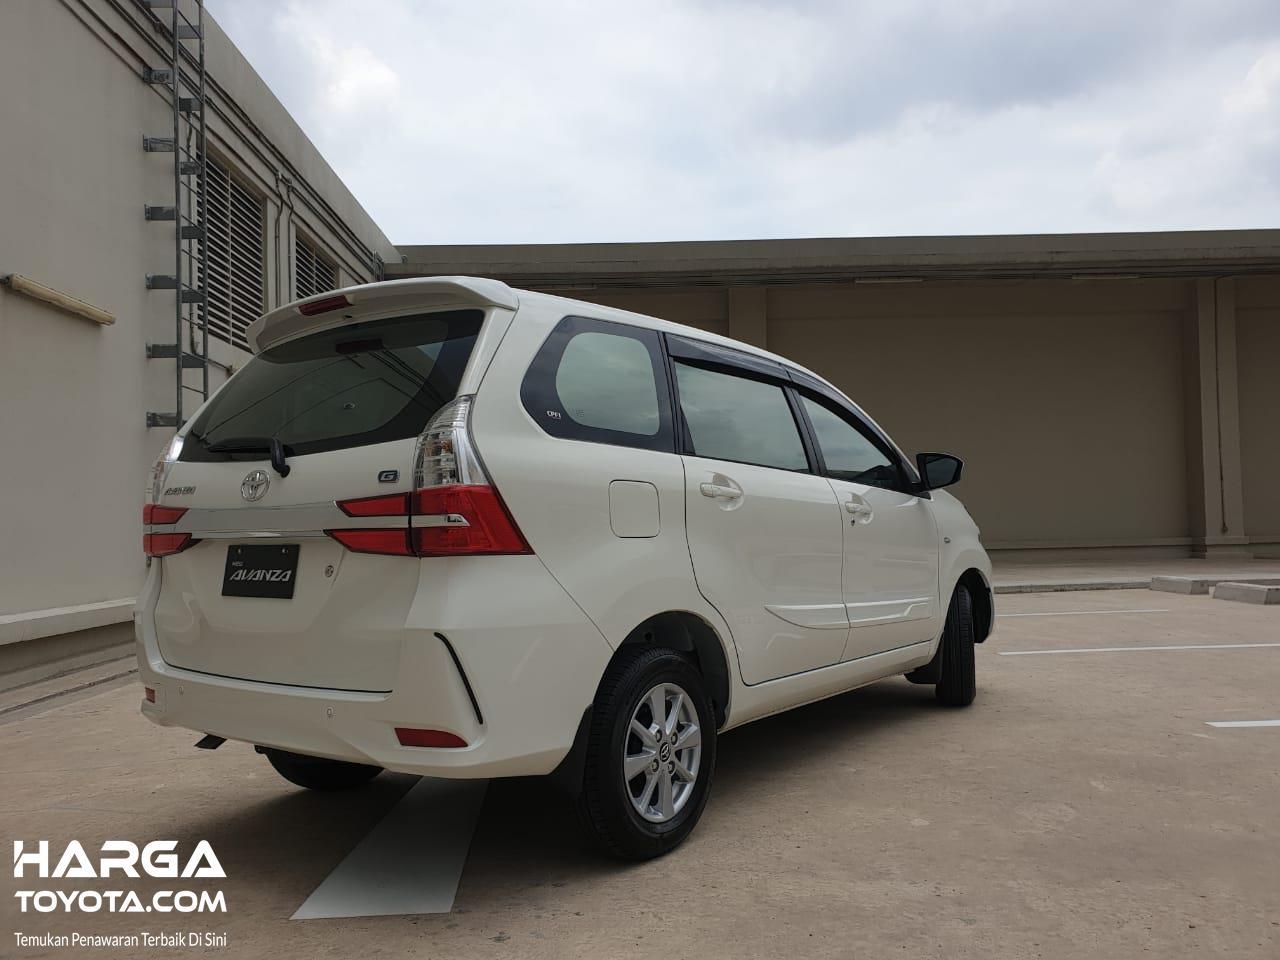 Tampak tampilan belakang New Toyota Avanza 1.3 G M/T 2019